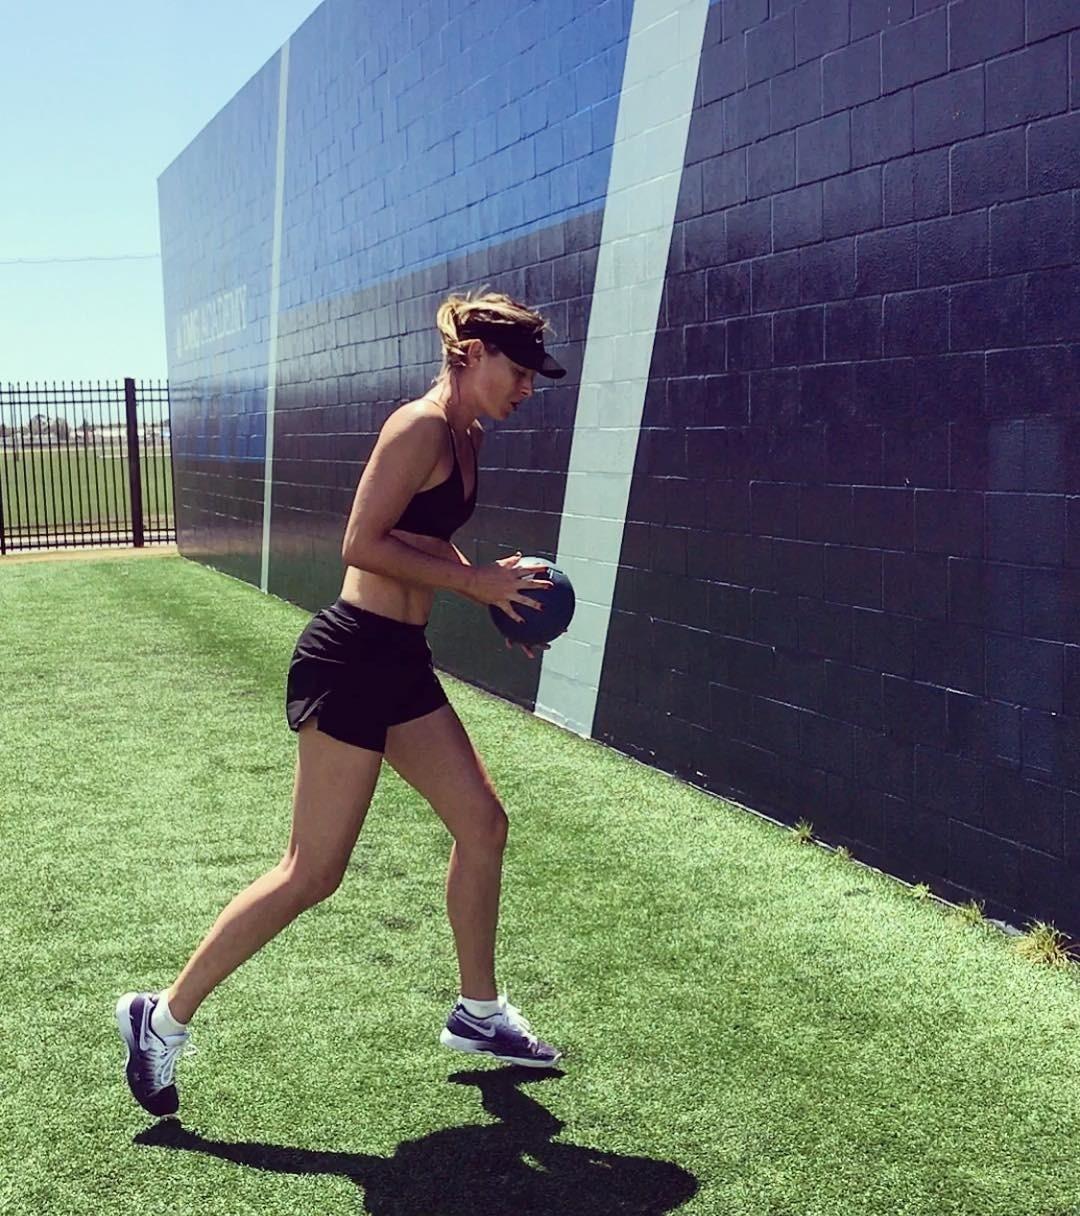 Также всвоем микроблоге спортсменка часто выкладывает короткие ролики, накоторых показывает правильную технику выполнения упражнений. Помимо персональных тренировок, уМарии есть нескол...